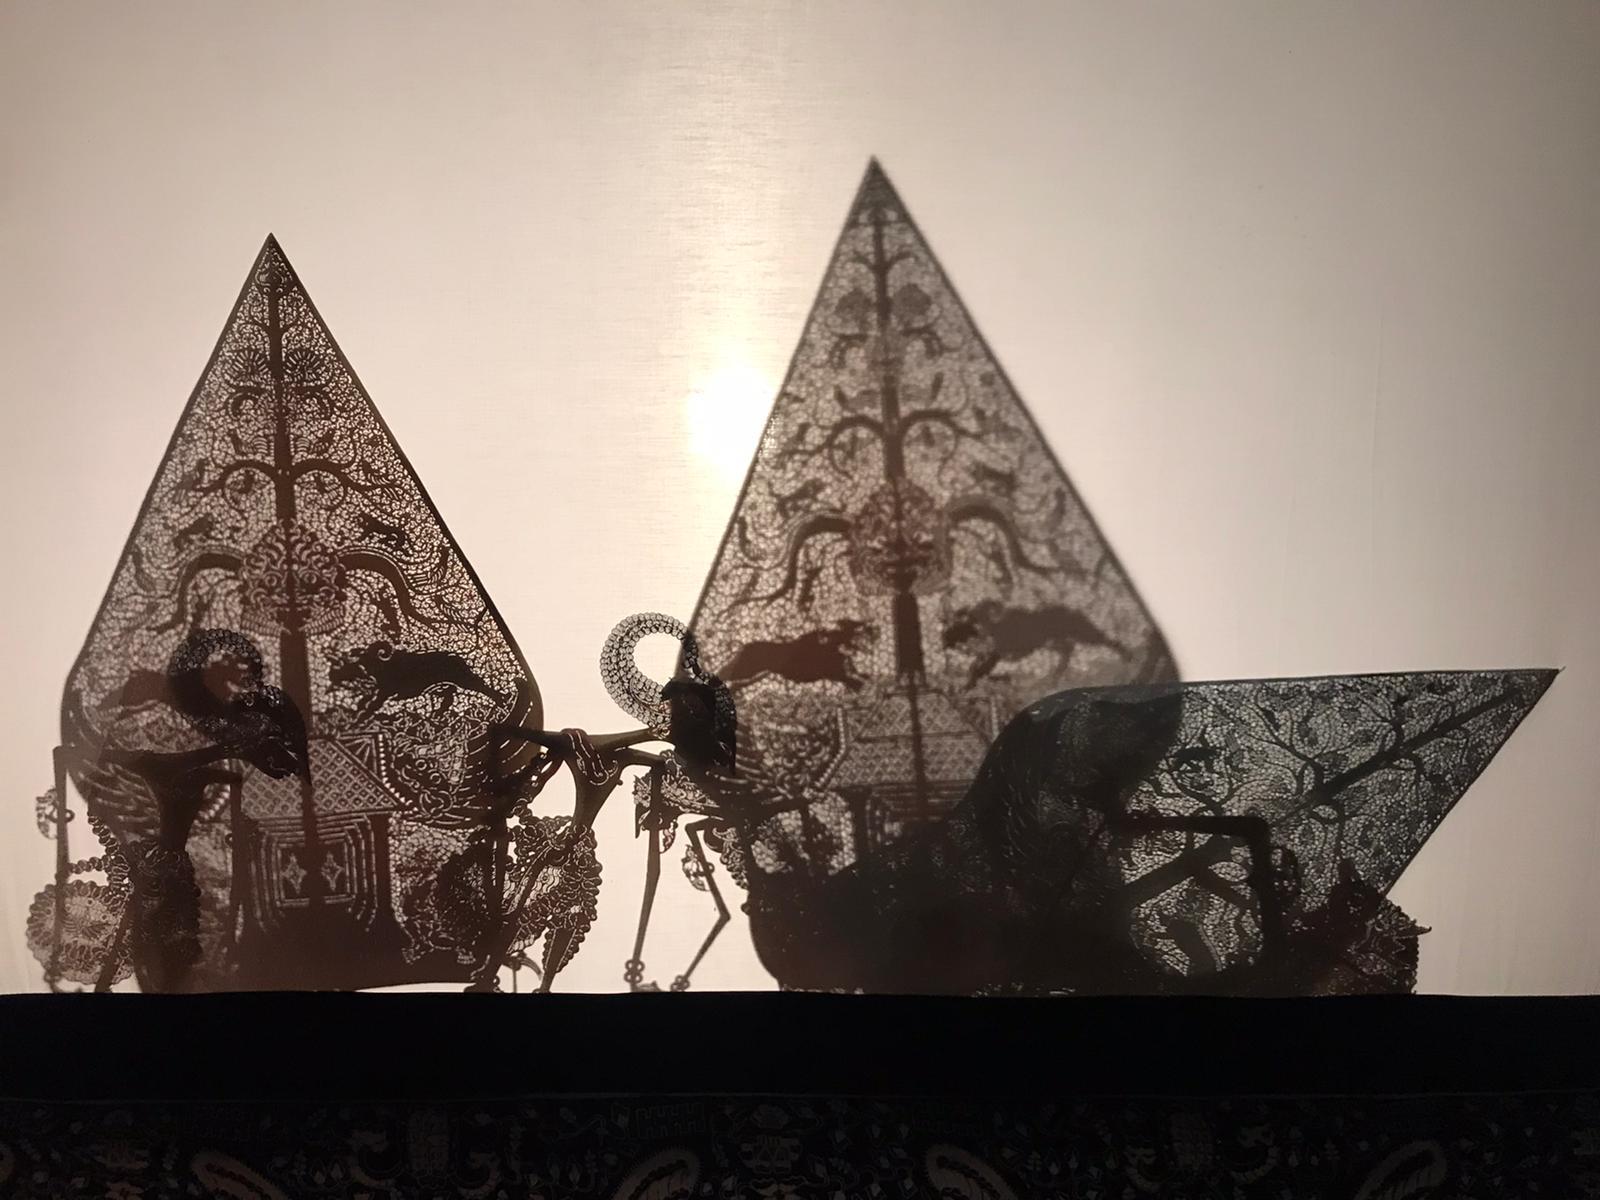 wayang kulit 1600x1200 wallpaper teahub io https www teahub io viewwp iomjiir wayang kulit